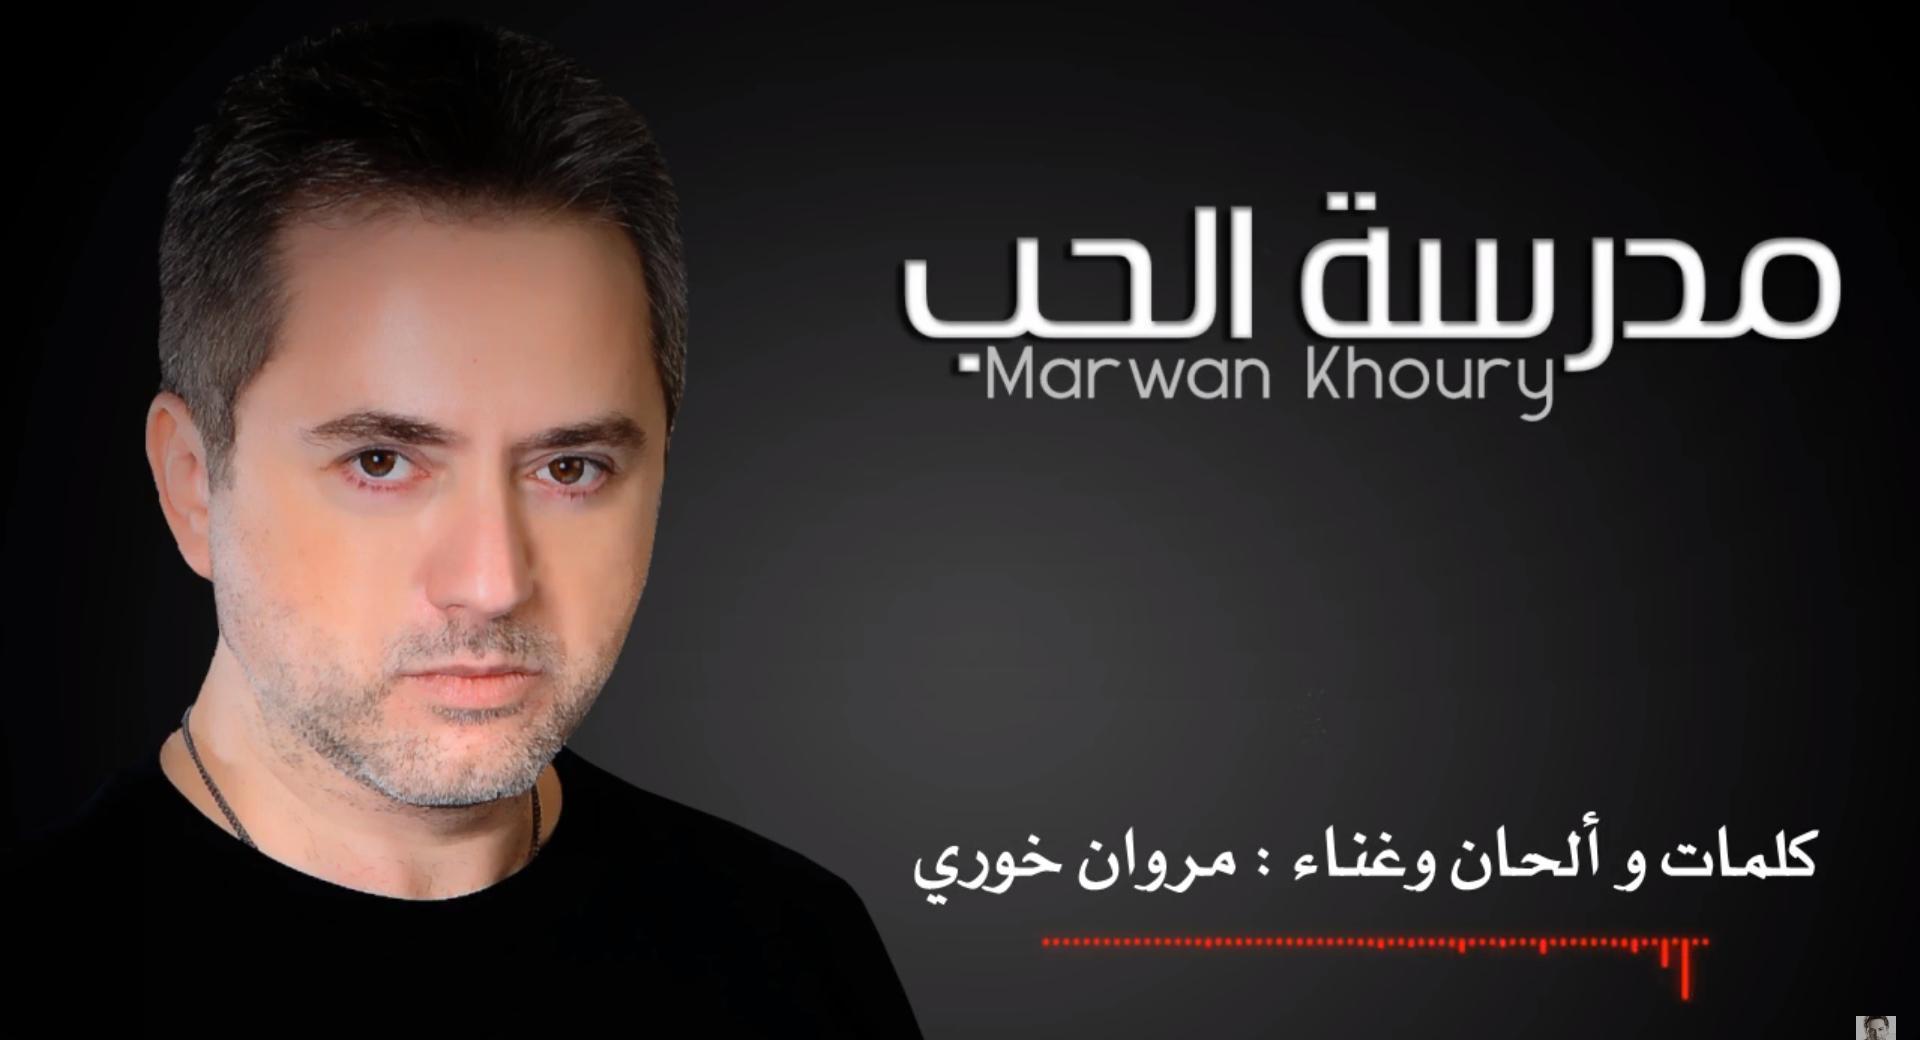 اغنية مروان خوري – مدرسة الحب – تحميل مباشر واستماع اونلاين